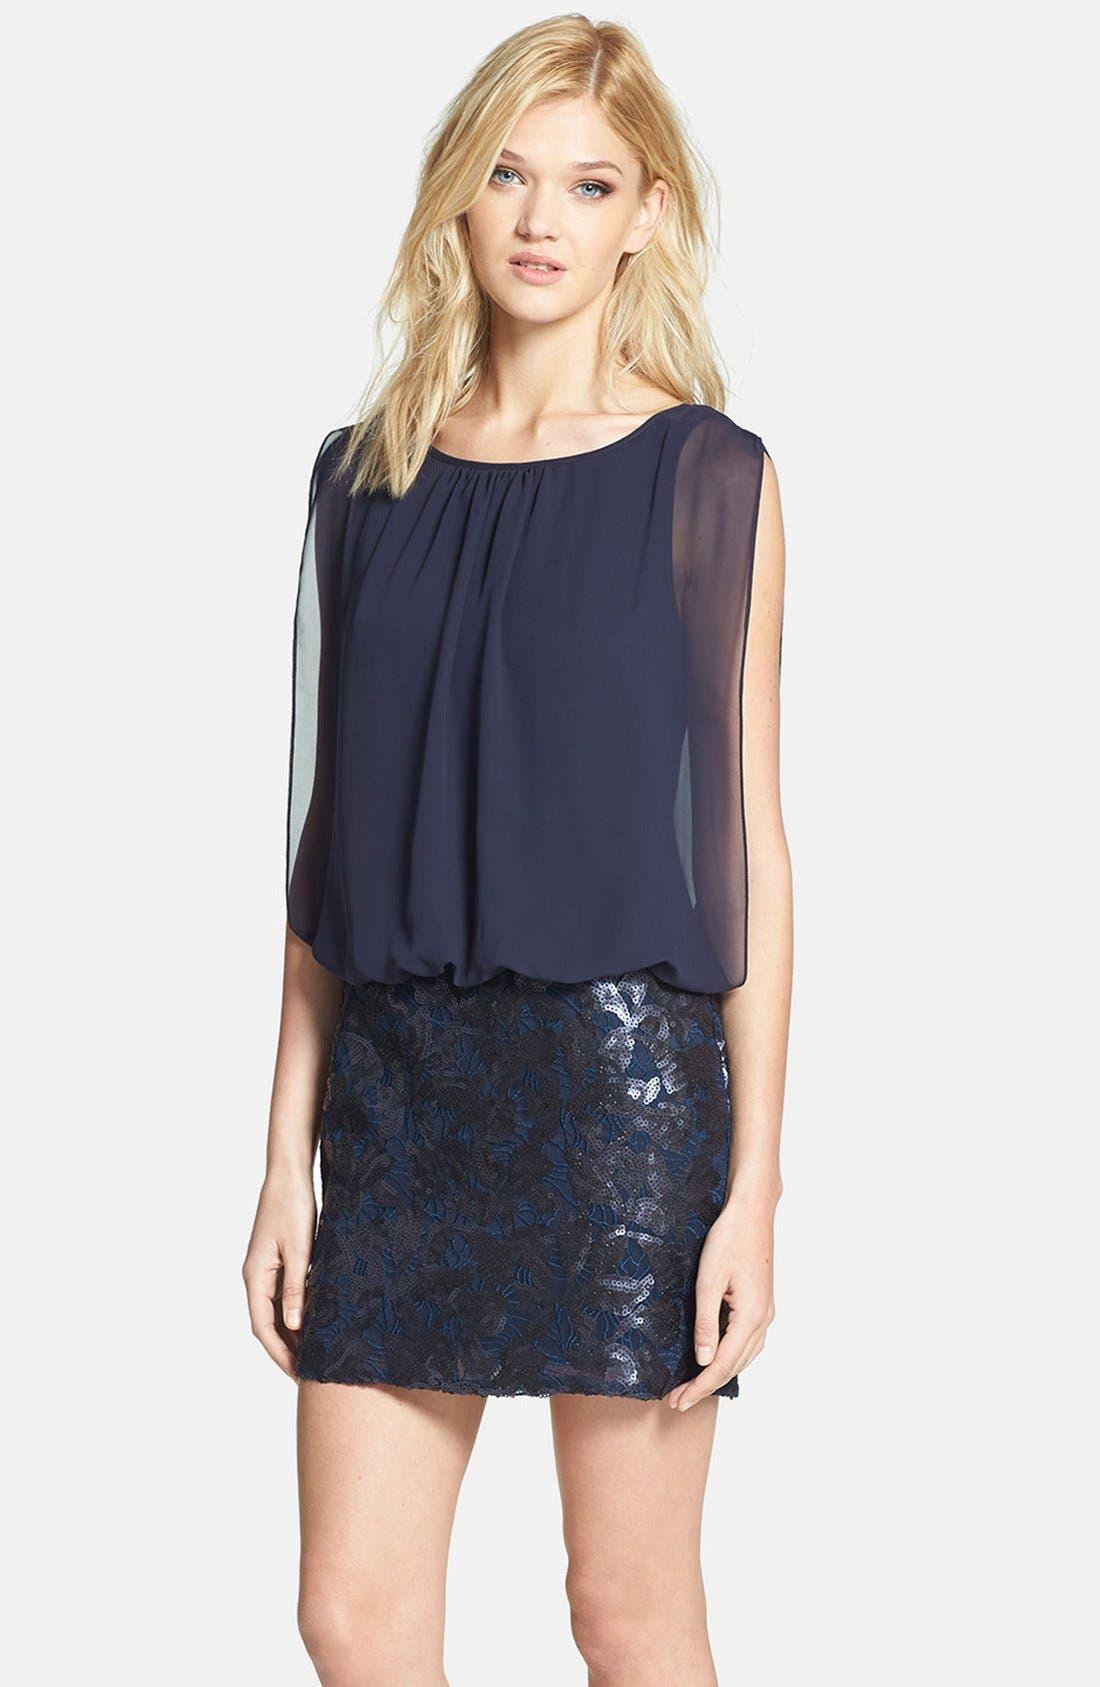 Alternate Image 1 Selected - Aidan by Aidan Mattox Embroidered Lace Chiffon Blouson Dress